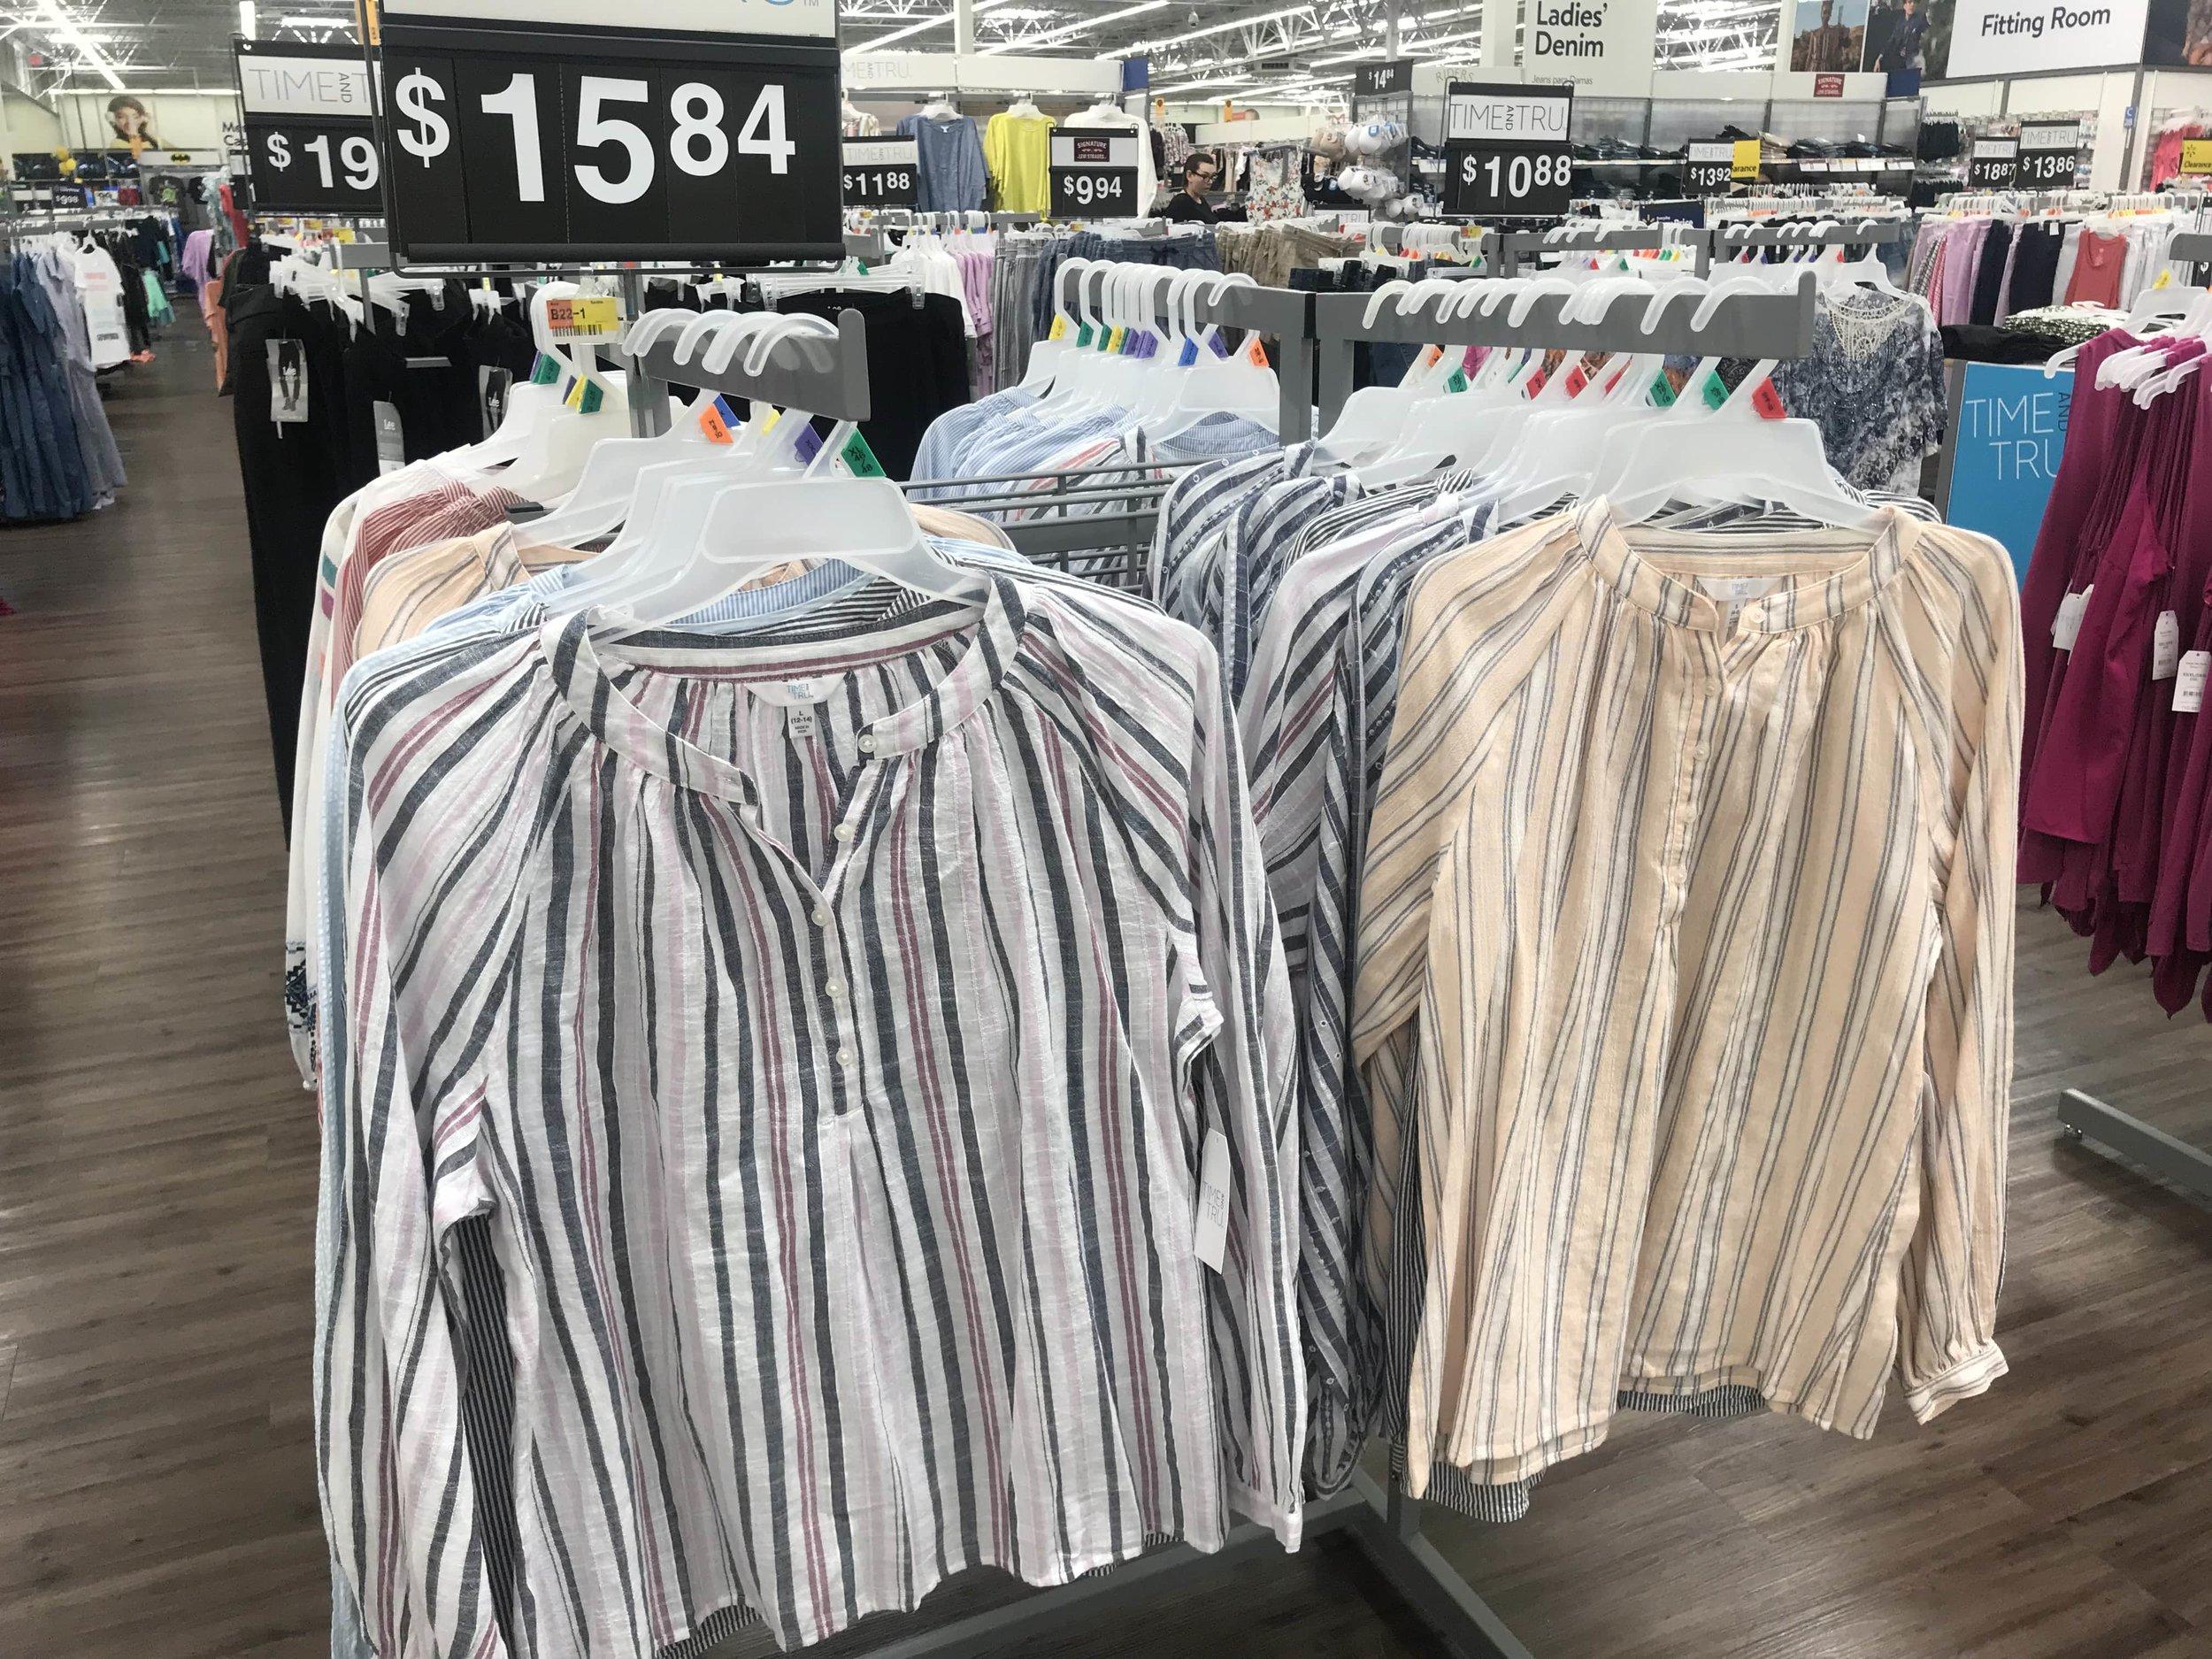 Walmart beach cover ups